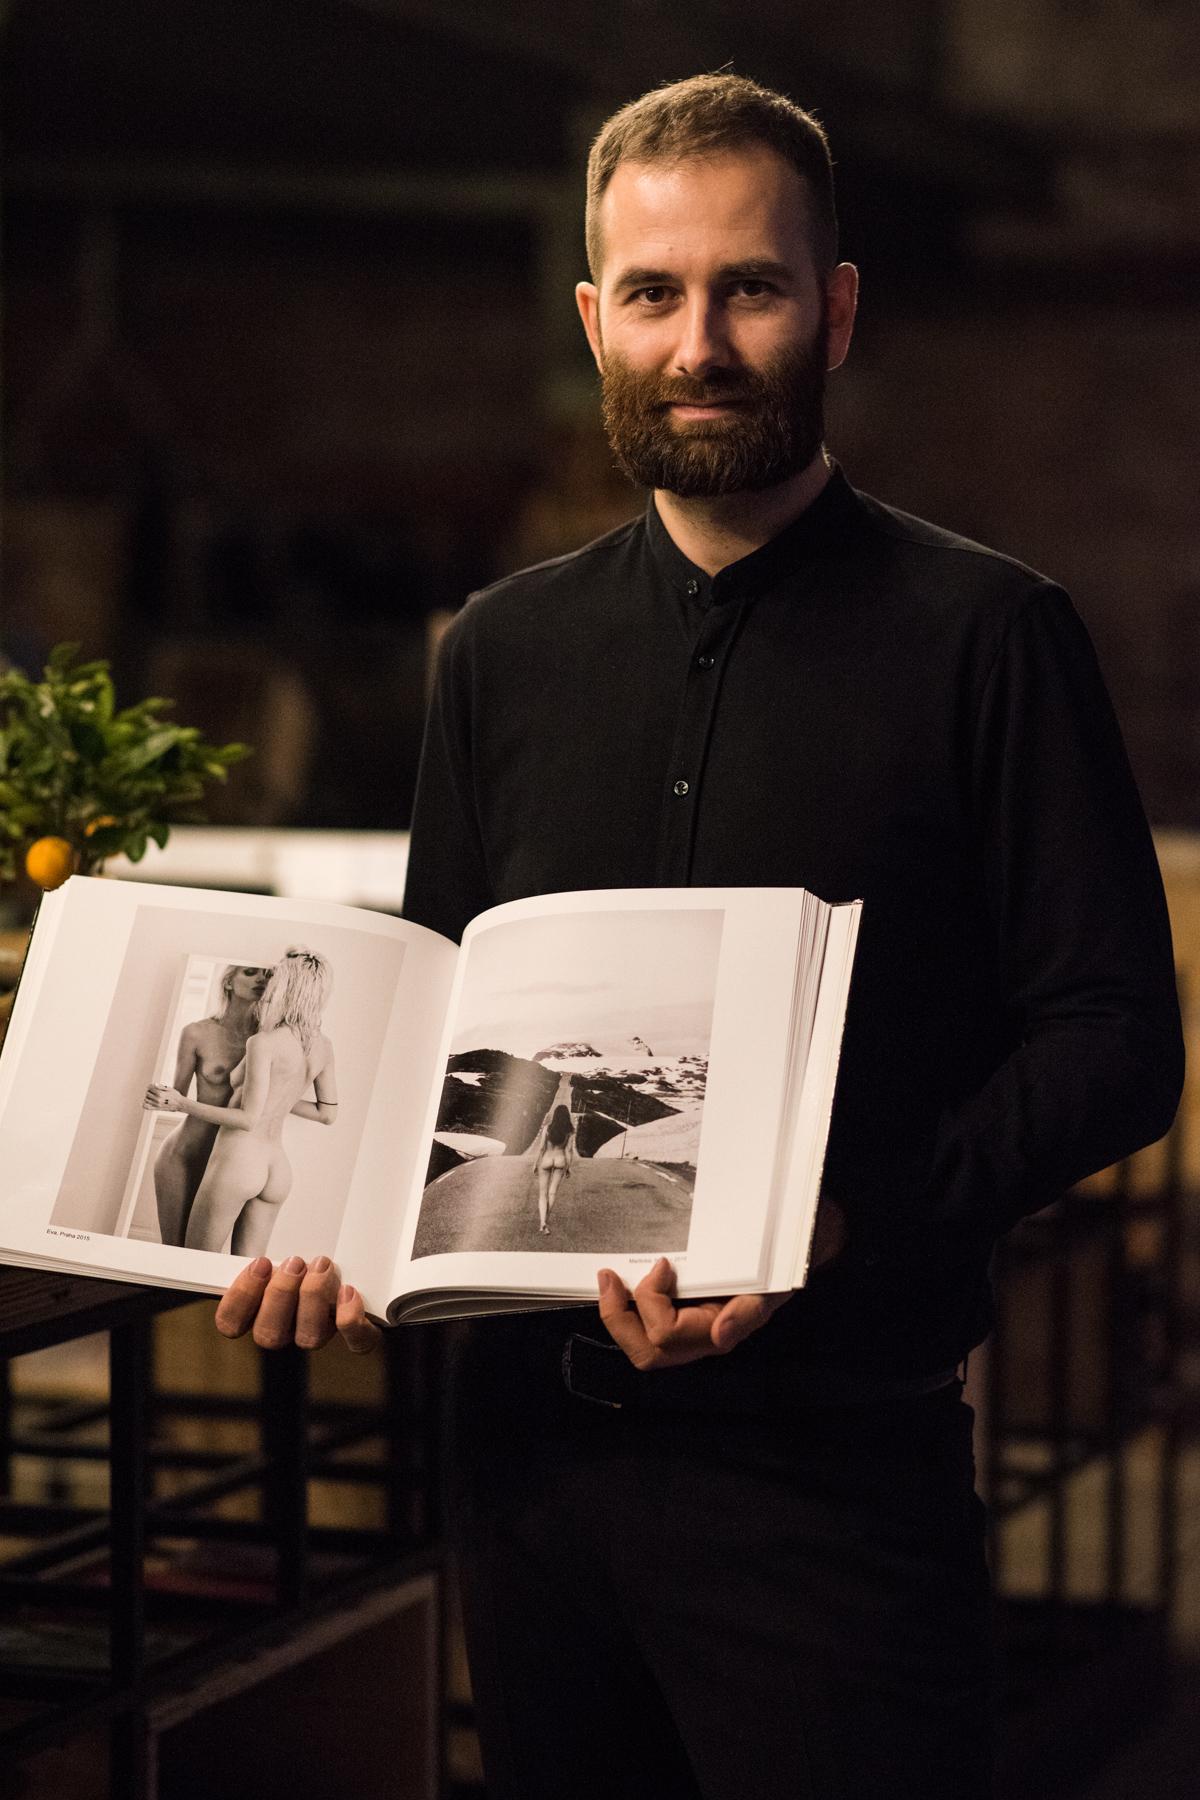 Fotograf Lukáš Dvořák na vernisáži své výstavy v pražském Vnitroblocku. Výstava trvá do 23. 4. 2017.